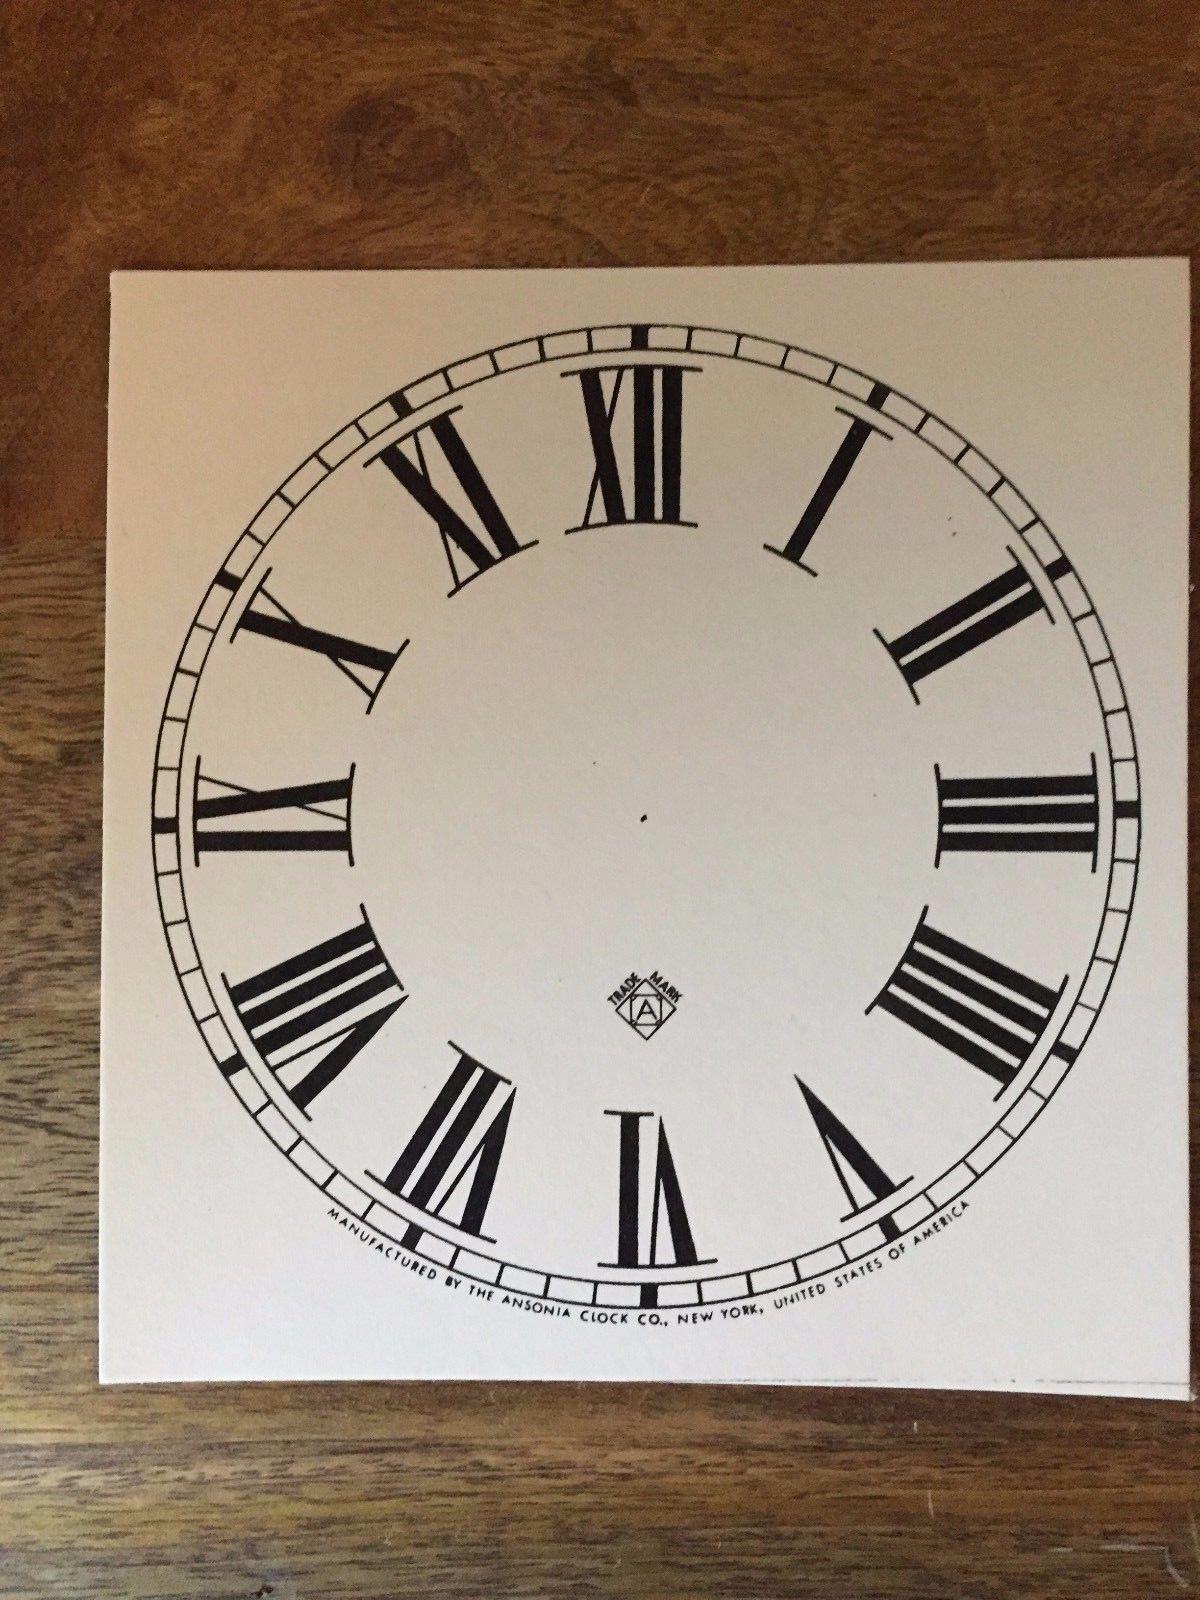 paper clock dials faces